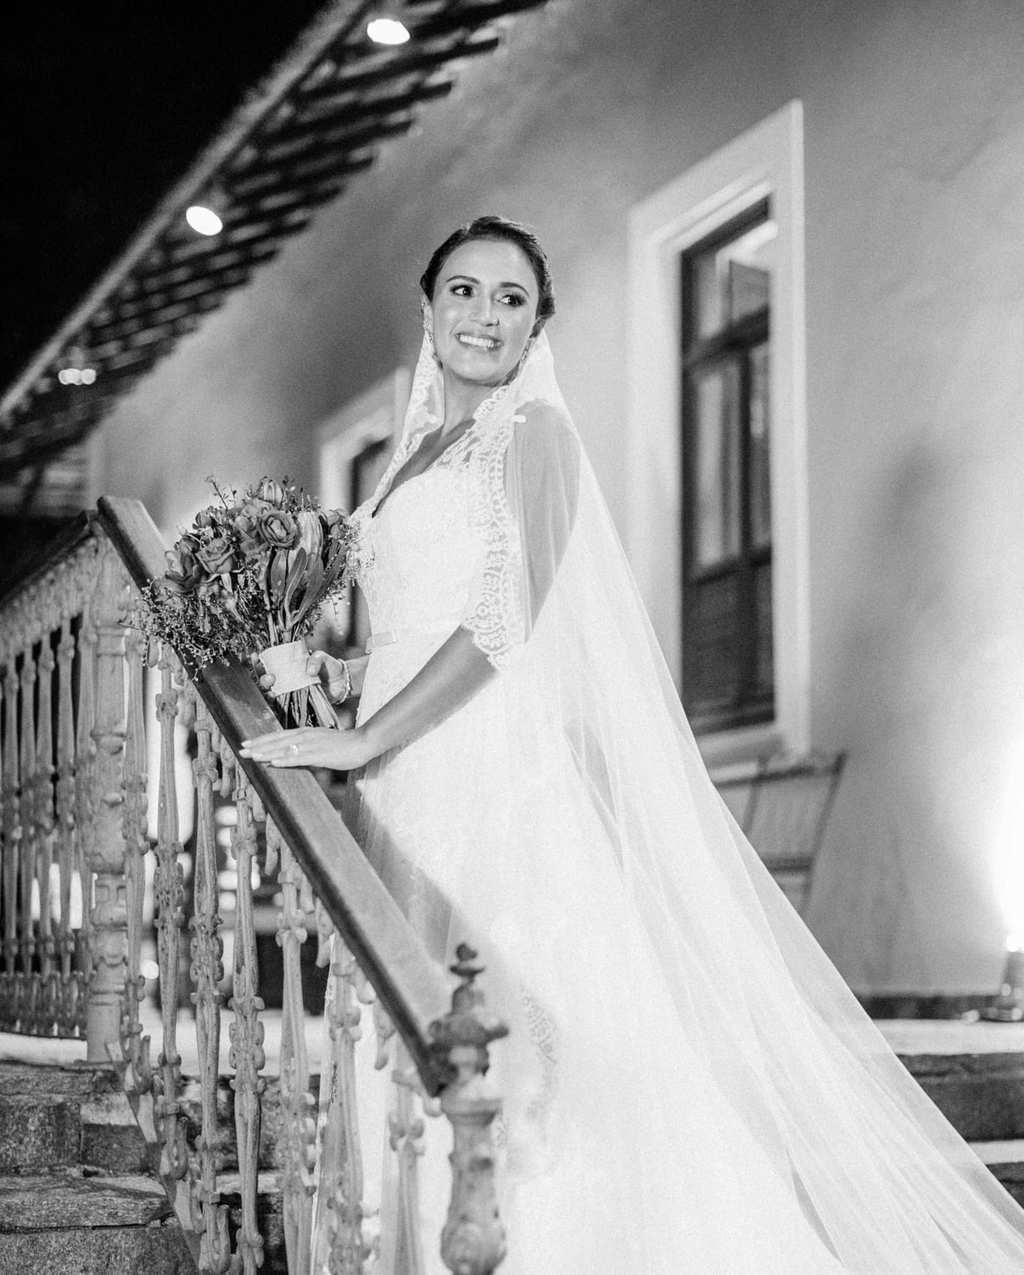 casamento-boho-chic-casamento-Luisa-e-David-ensaio-noivos-Fotografia-Rodrigo-Sack-Largo-do-Arruda-noivos-Rio-de-Janeiro-42